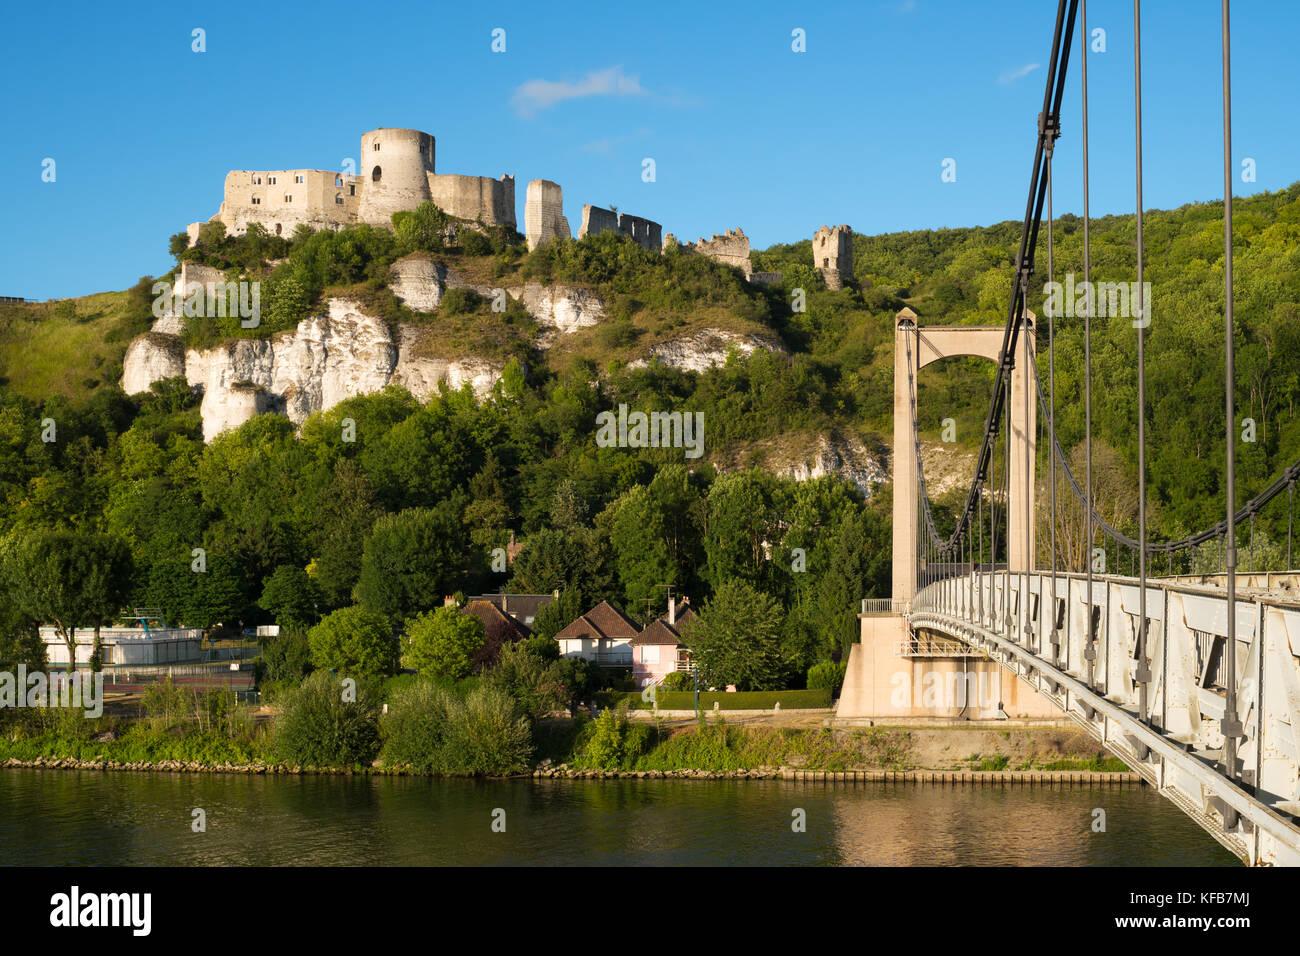 chteau-gaillard-a-ruined-medieval-castle